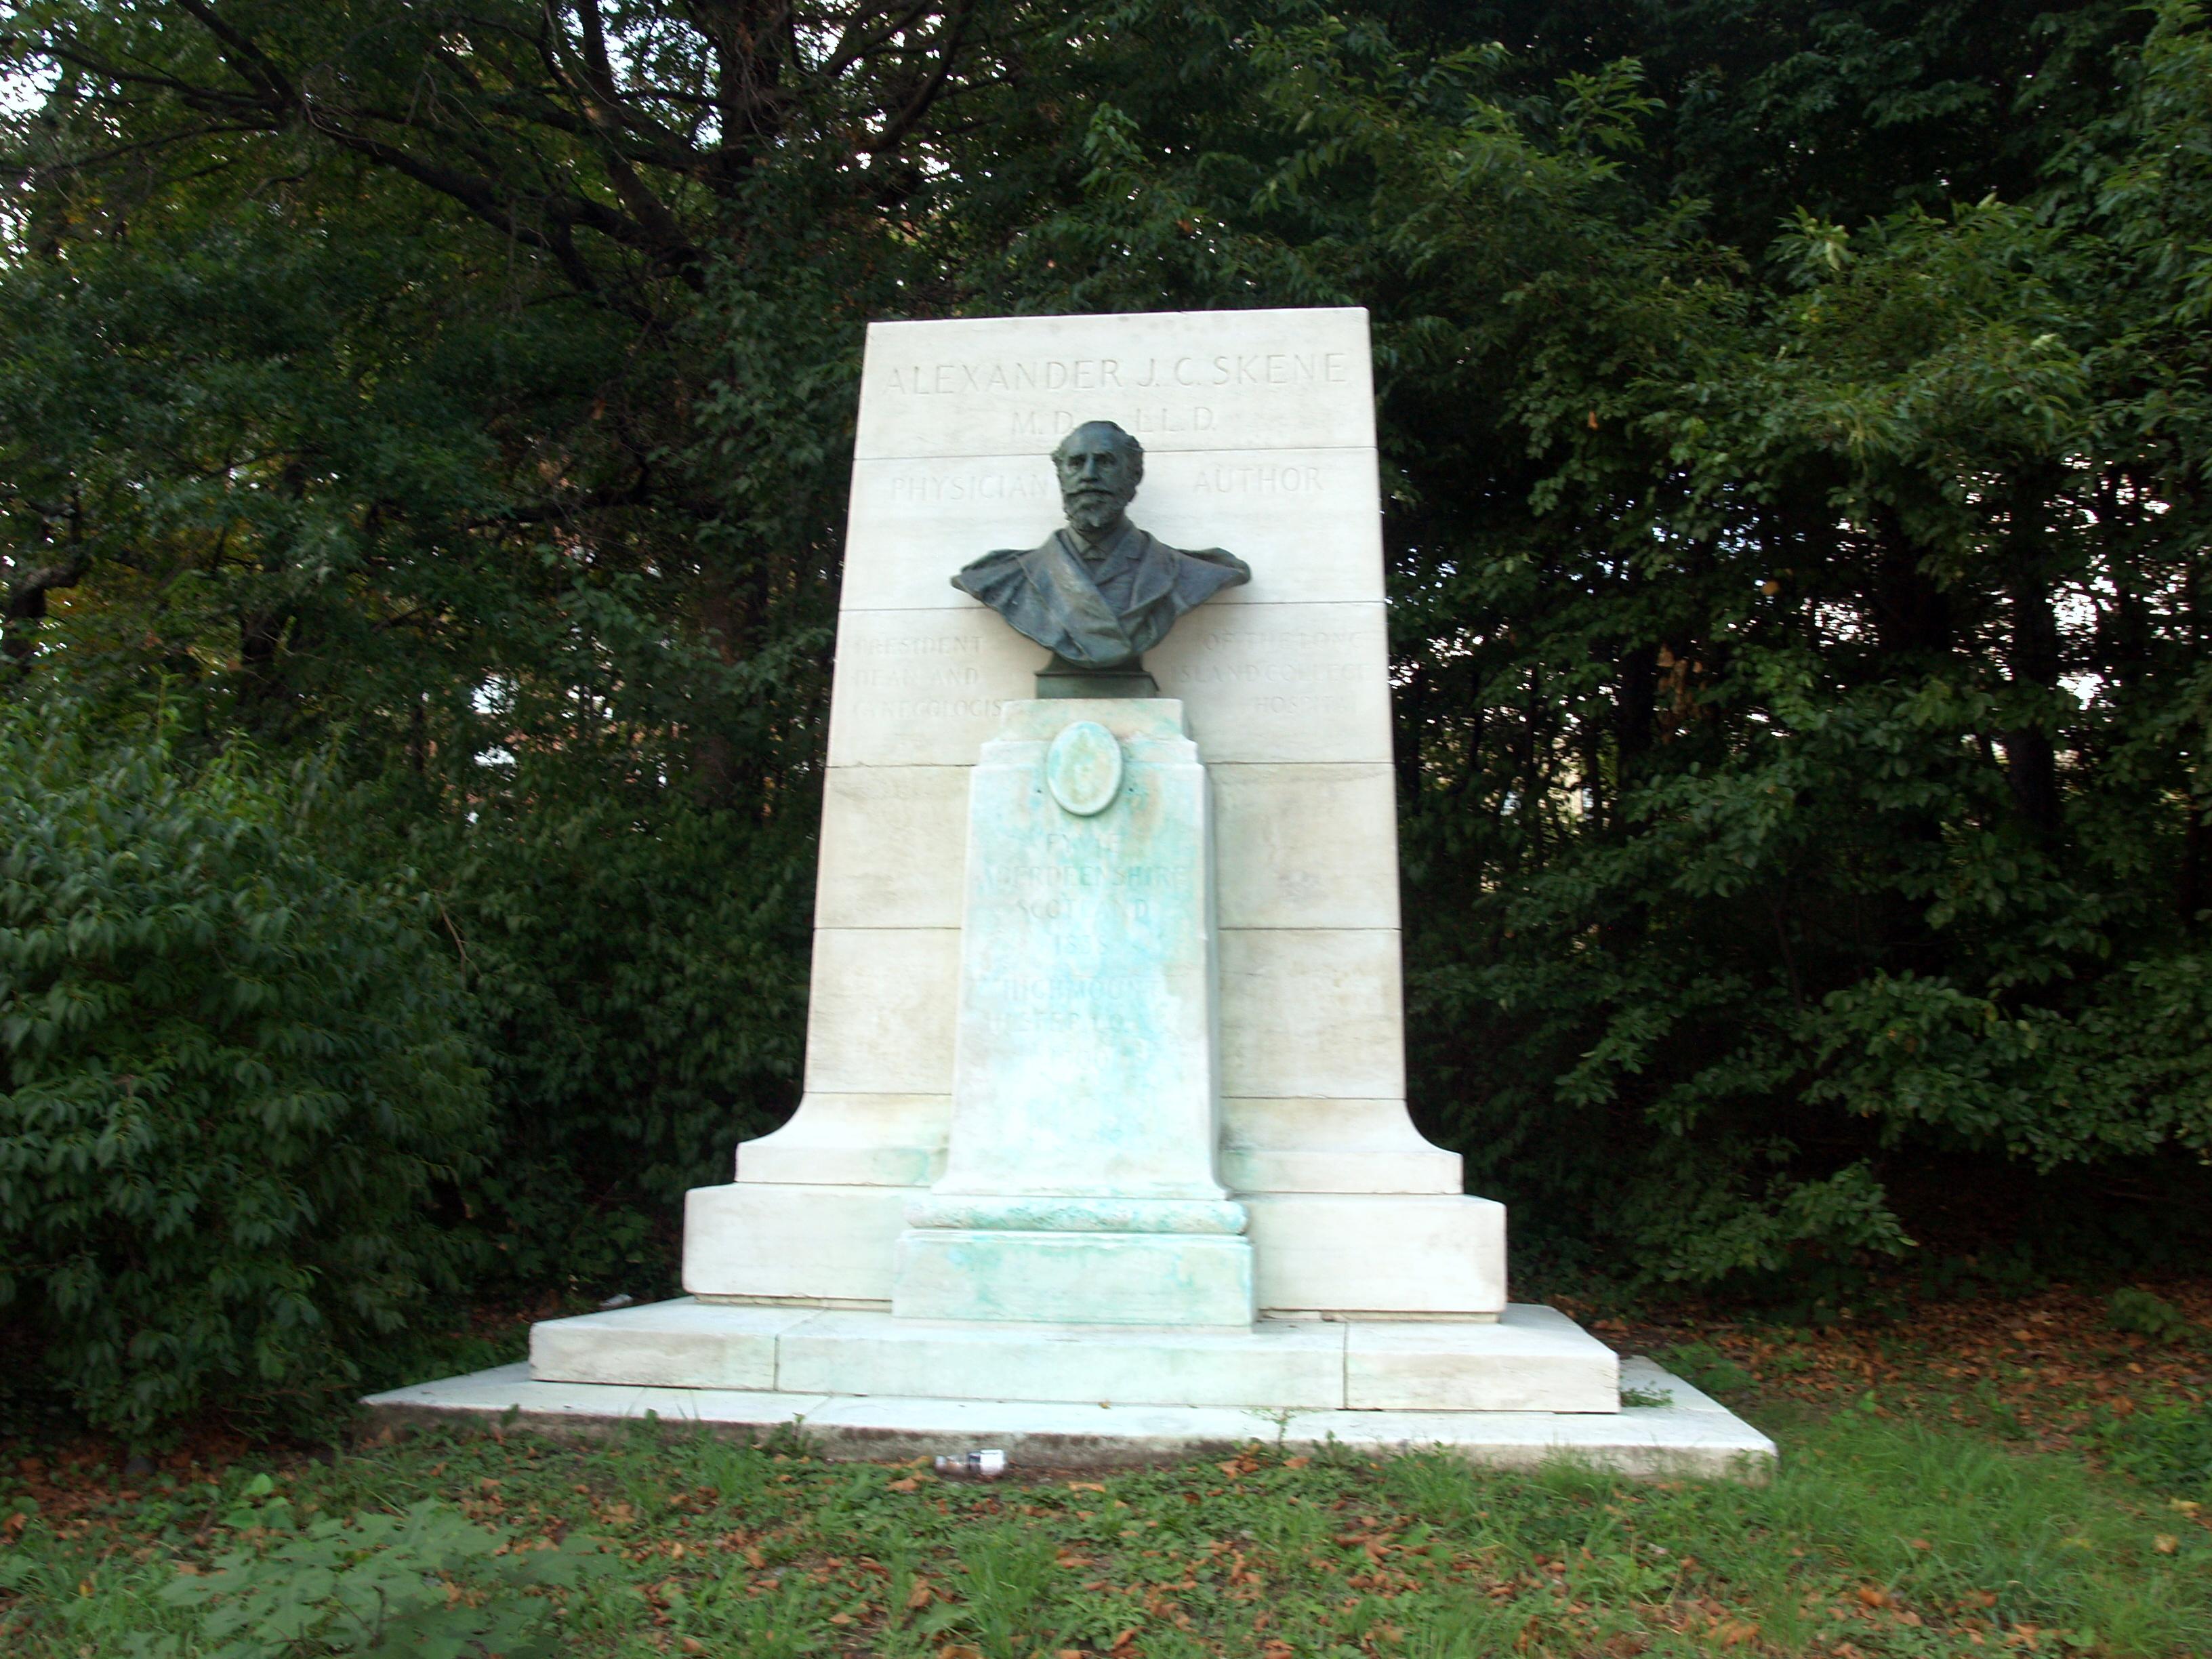 Plant, Pedestal, Sculpture, Statue